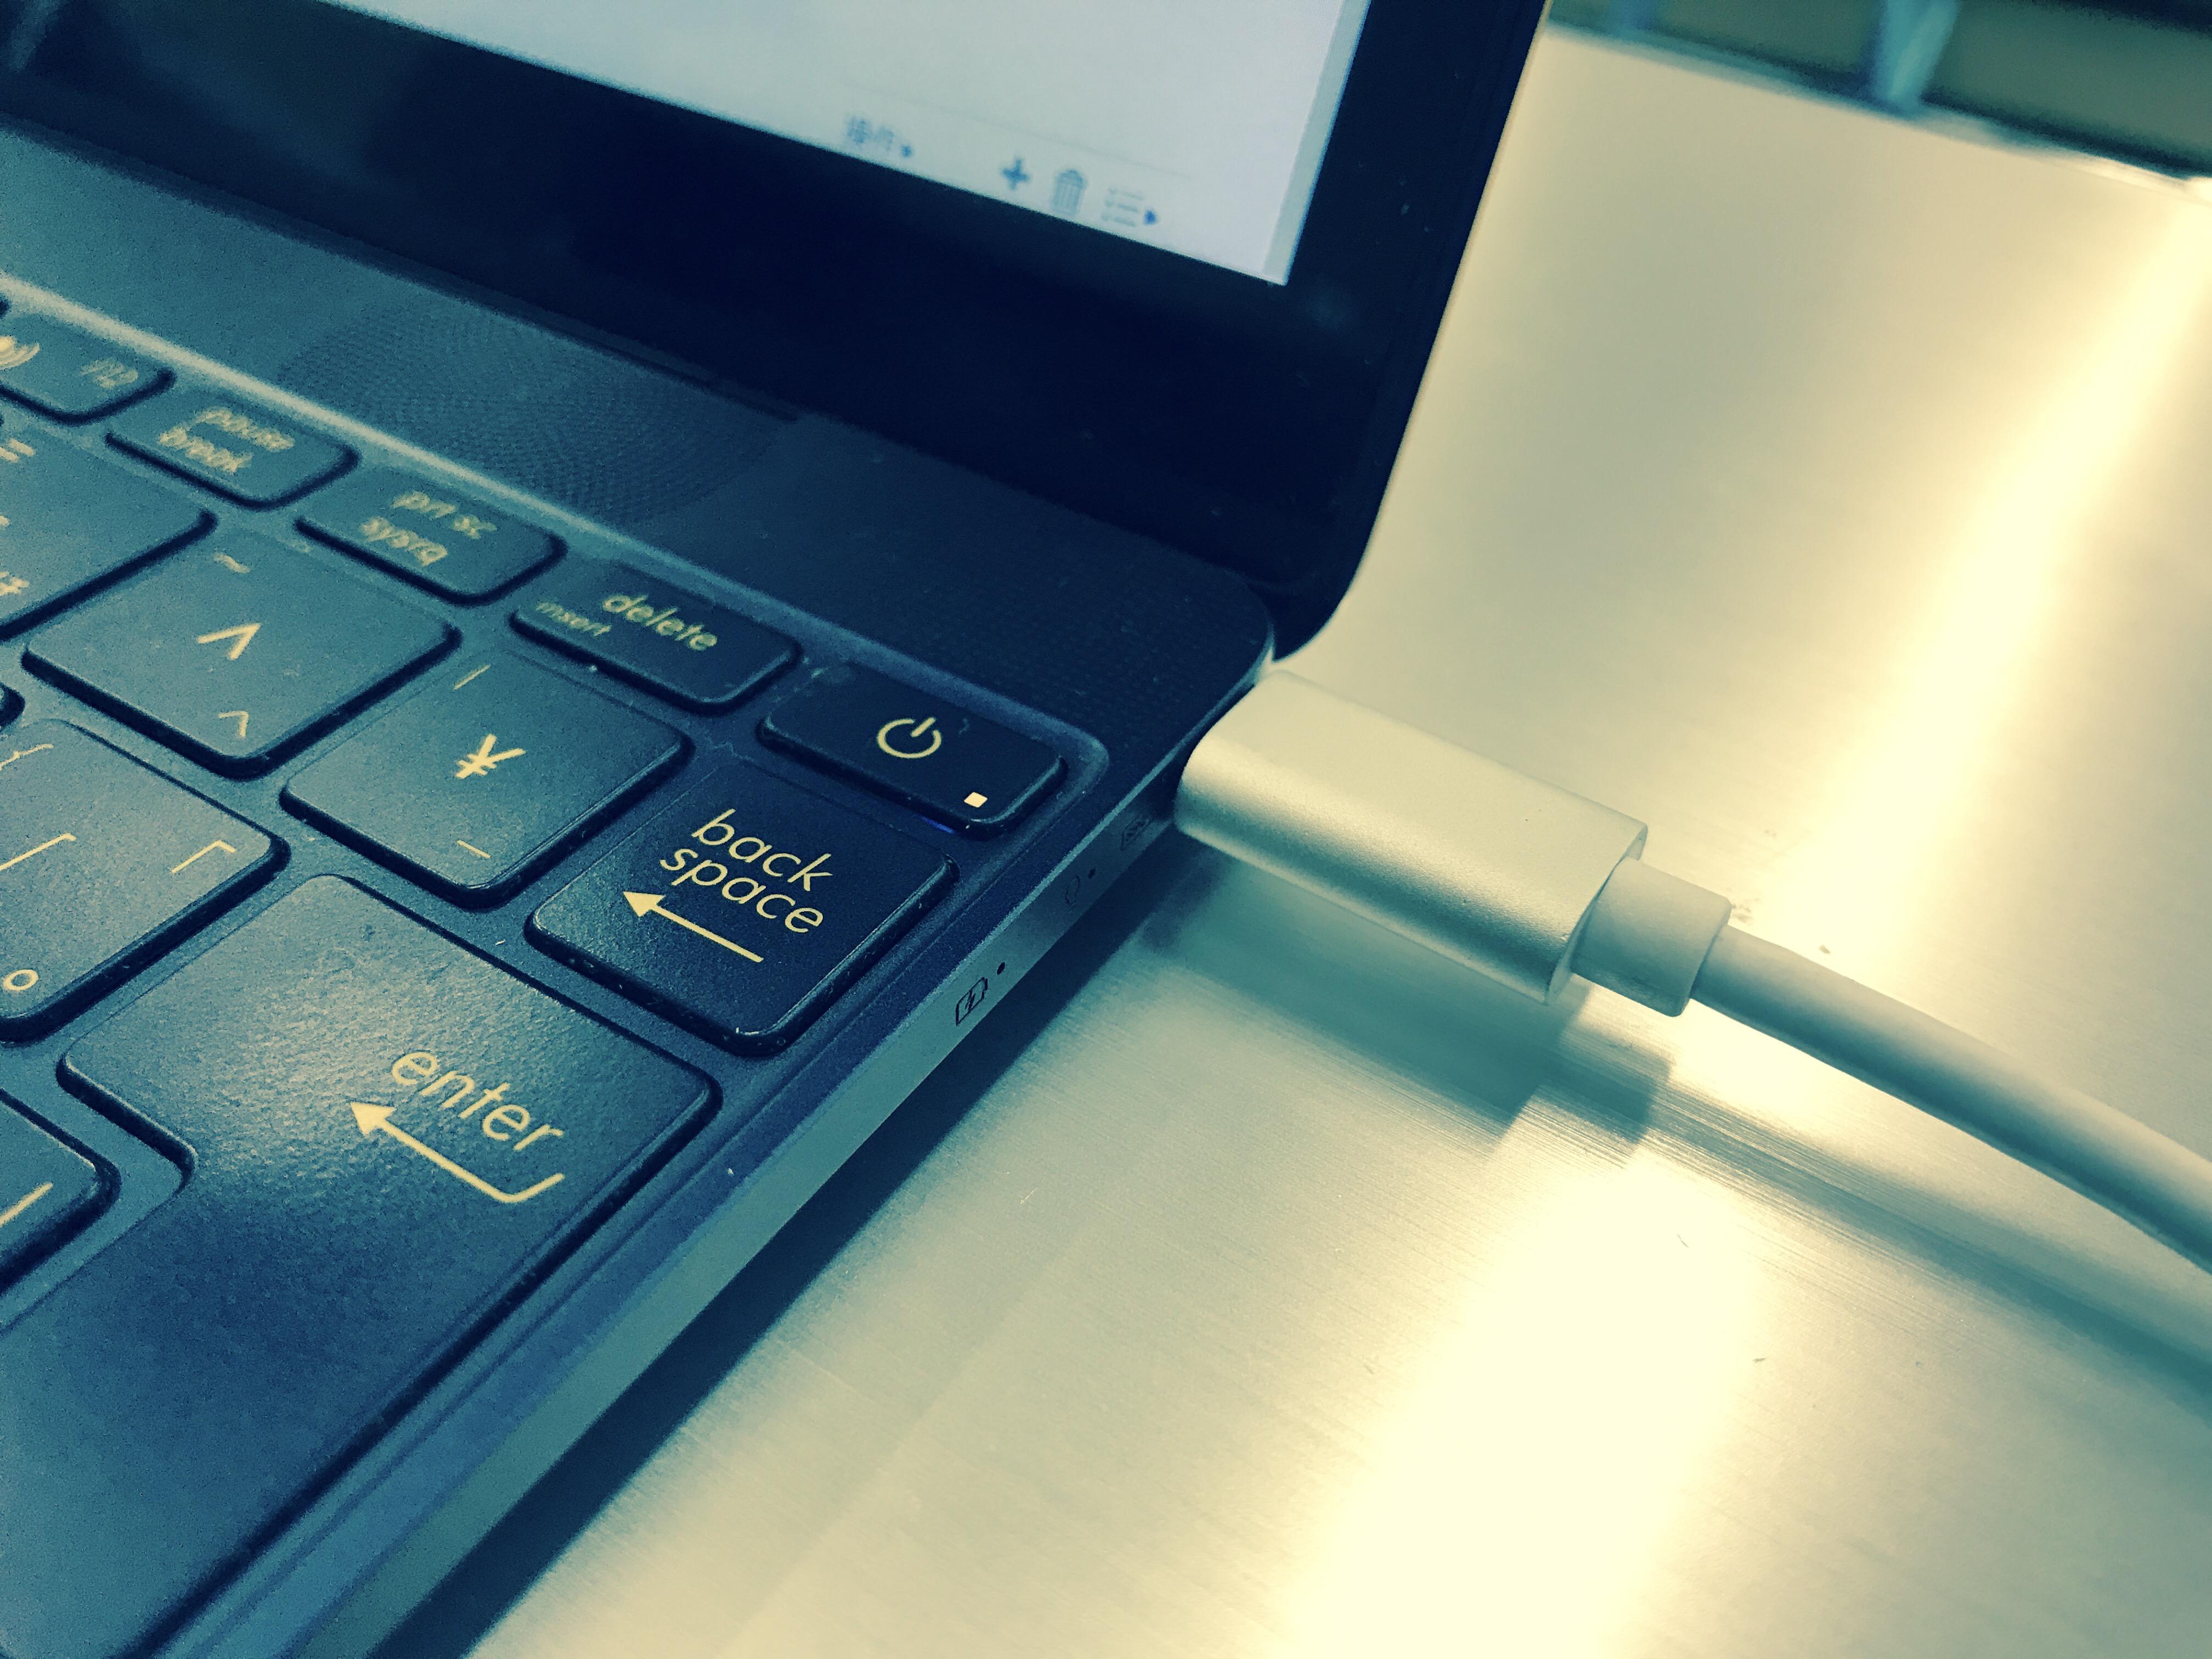 iPhoneは「USB Type-C」デファクトスタンダード化の鍵となるか?